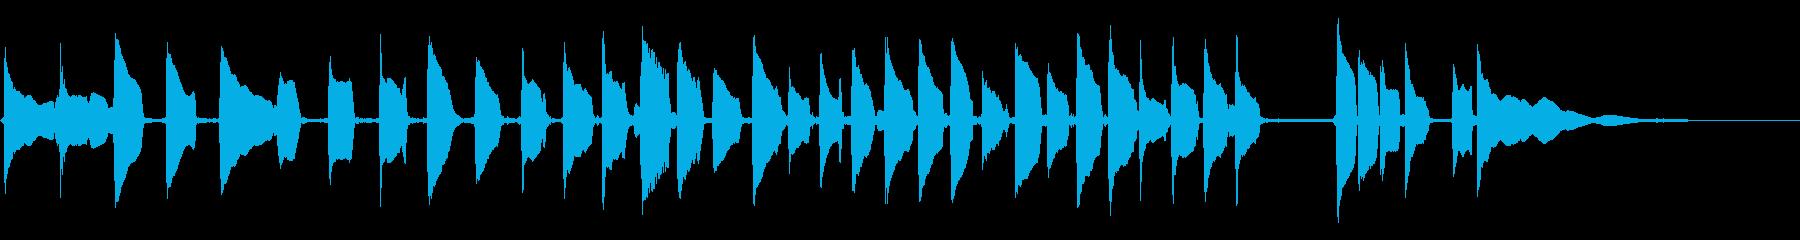 マンドリン:ロングビルチャージアク...の再生済みの波形